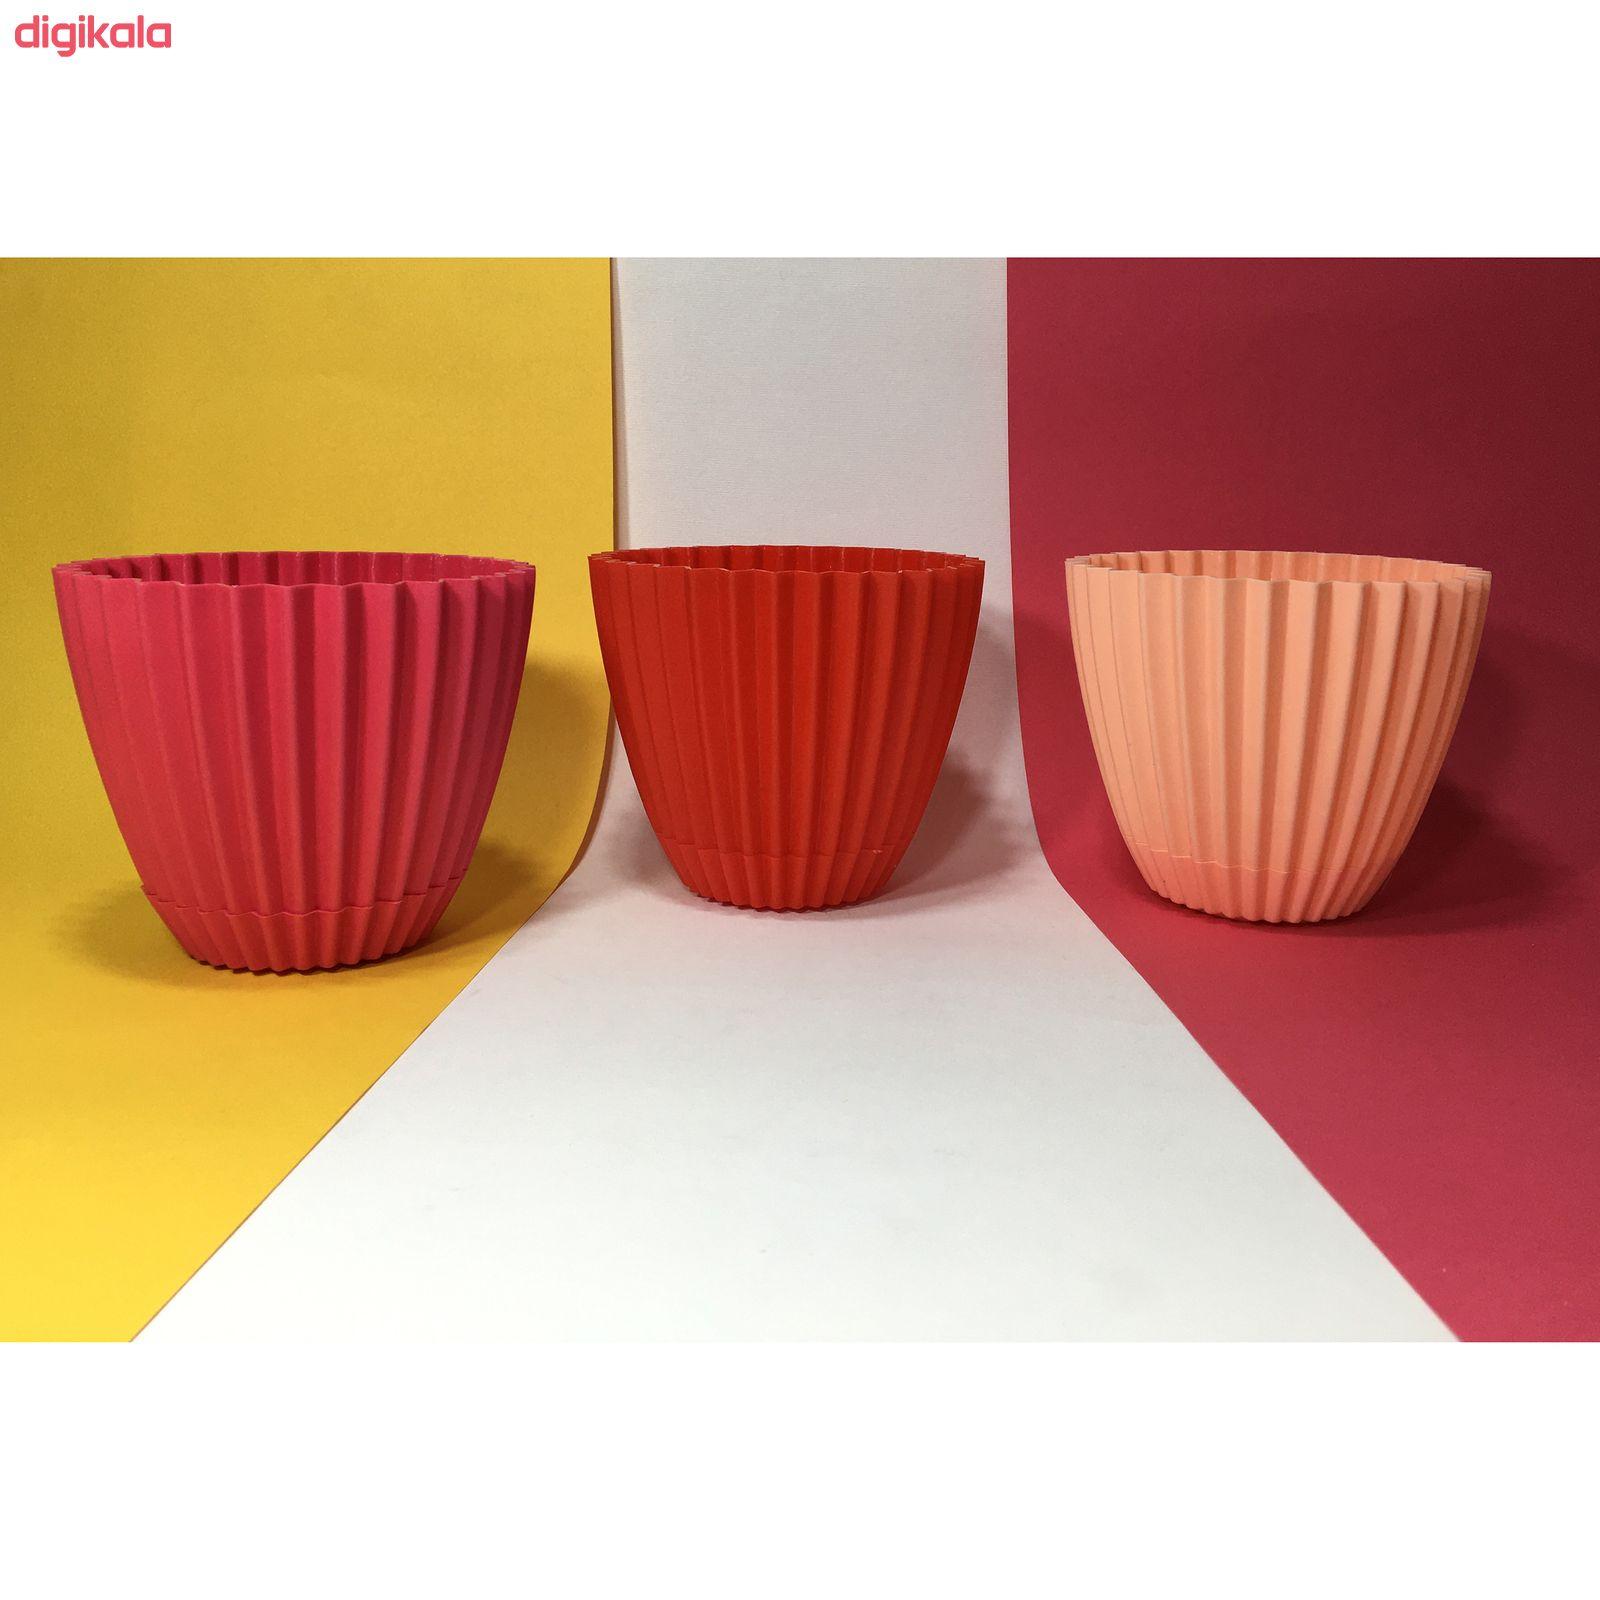 گلدان دانیال پلاستیک کد 210 main 1 2